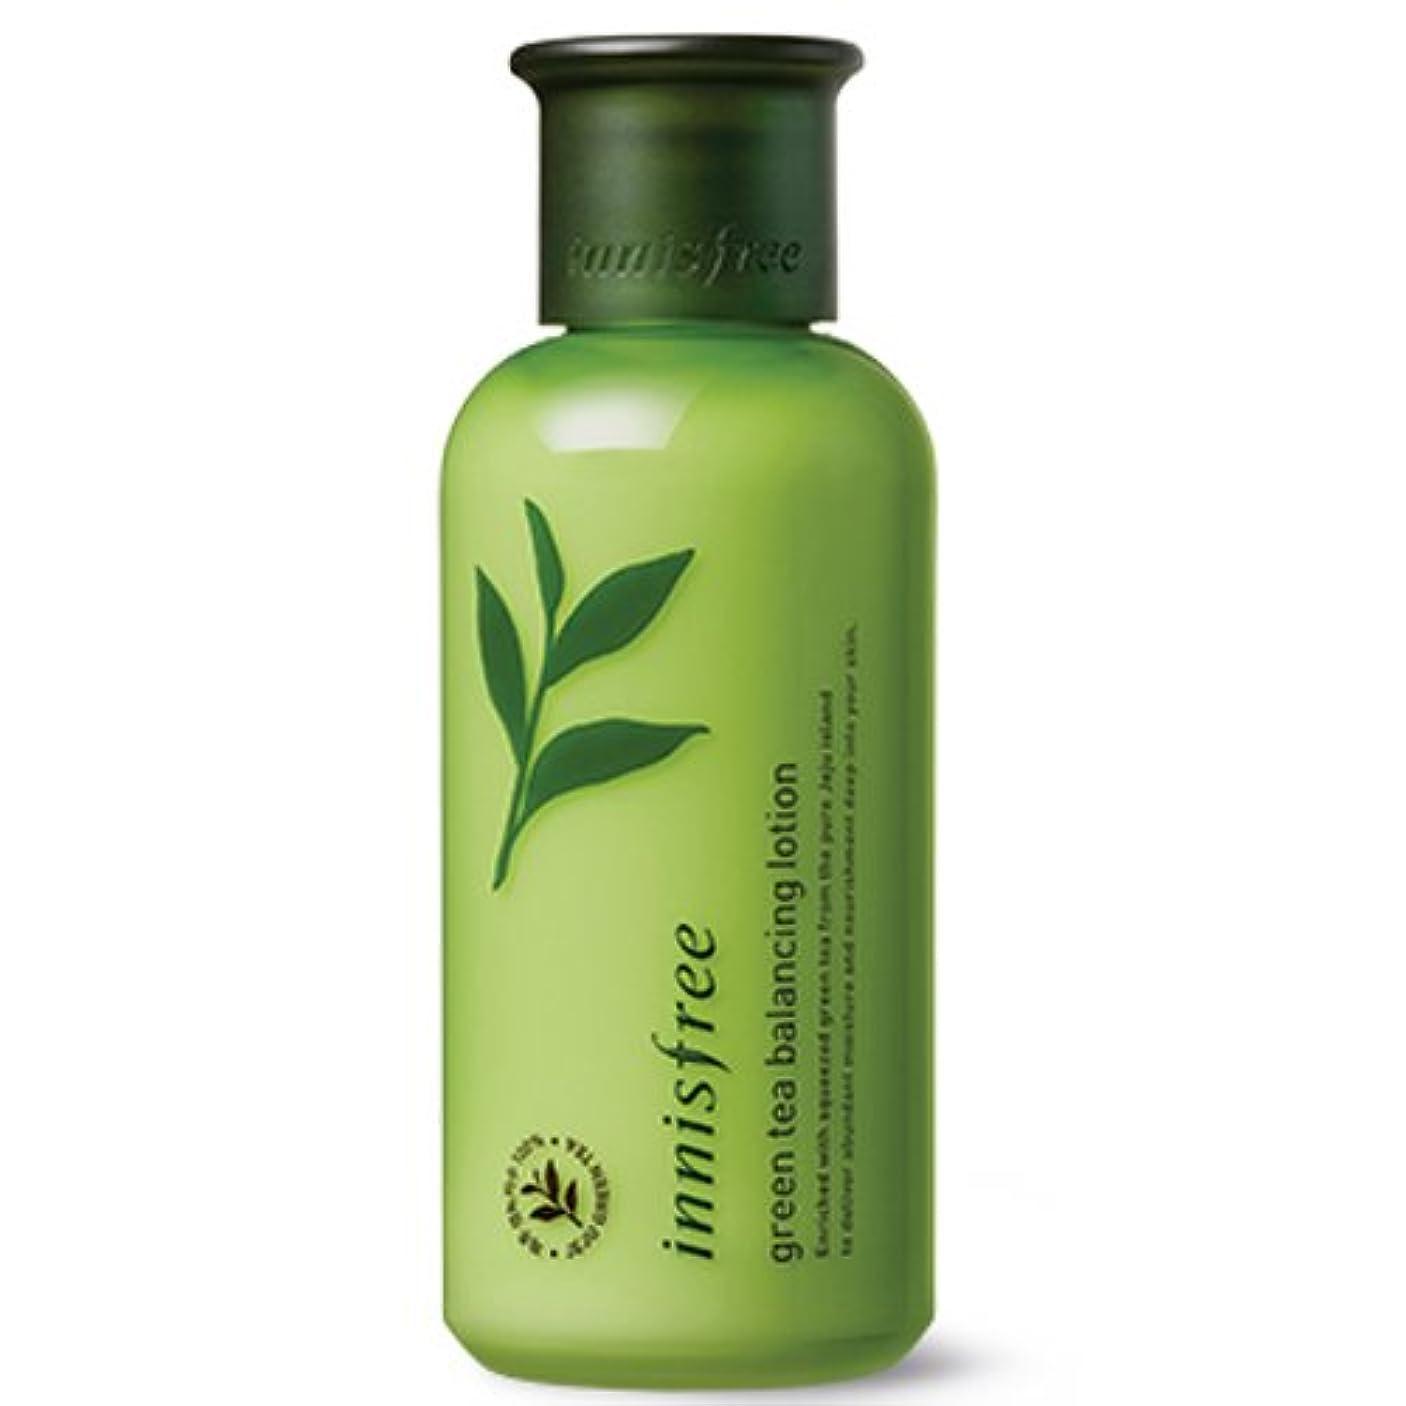 人物生き残りますボンド[INNISFREE]イニスフリーグリーンティーバランシング ローション160ml innisfree green tea balancing lotion 160ml